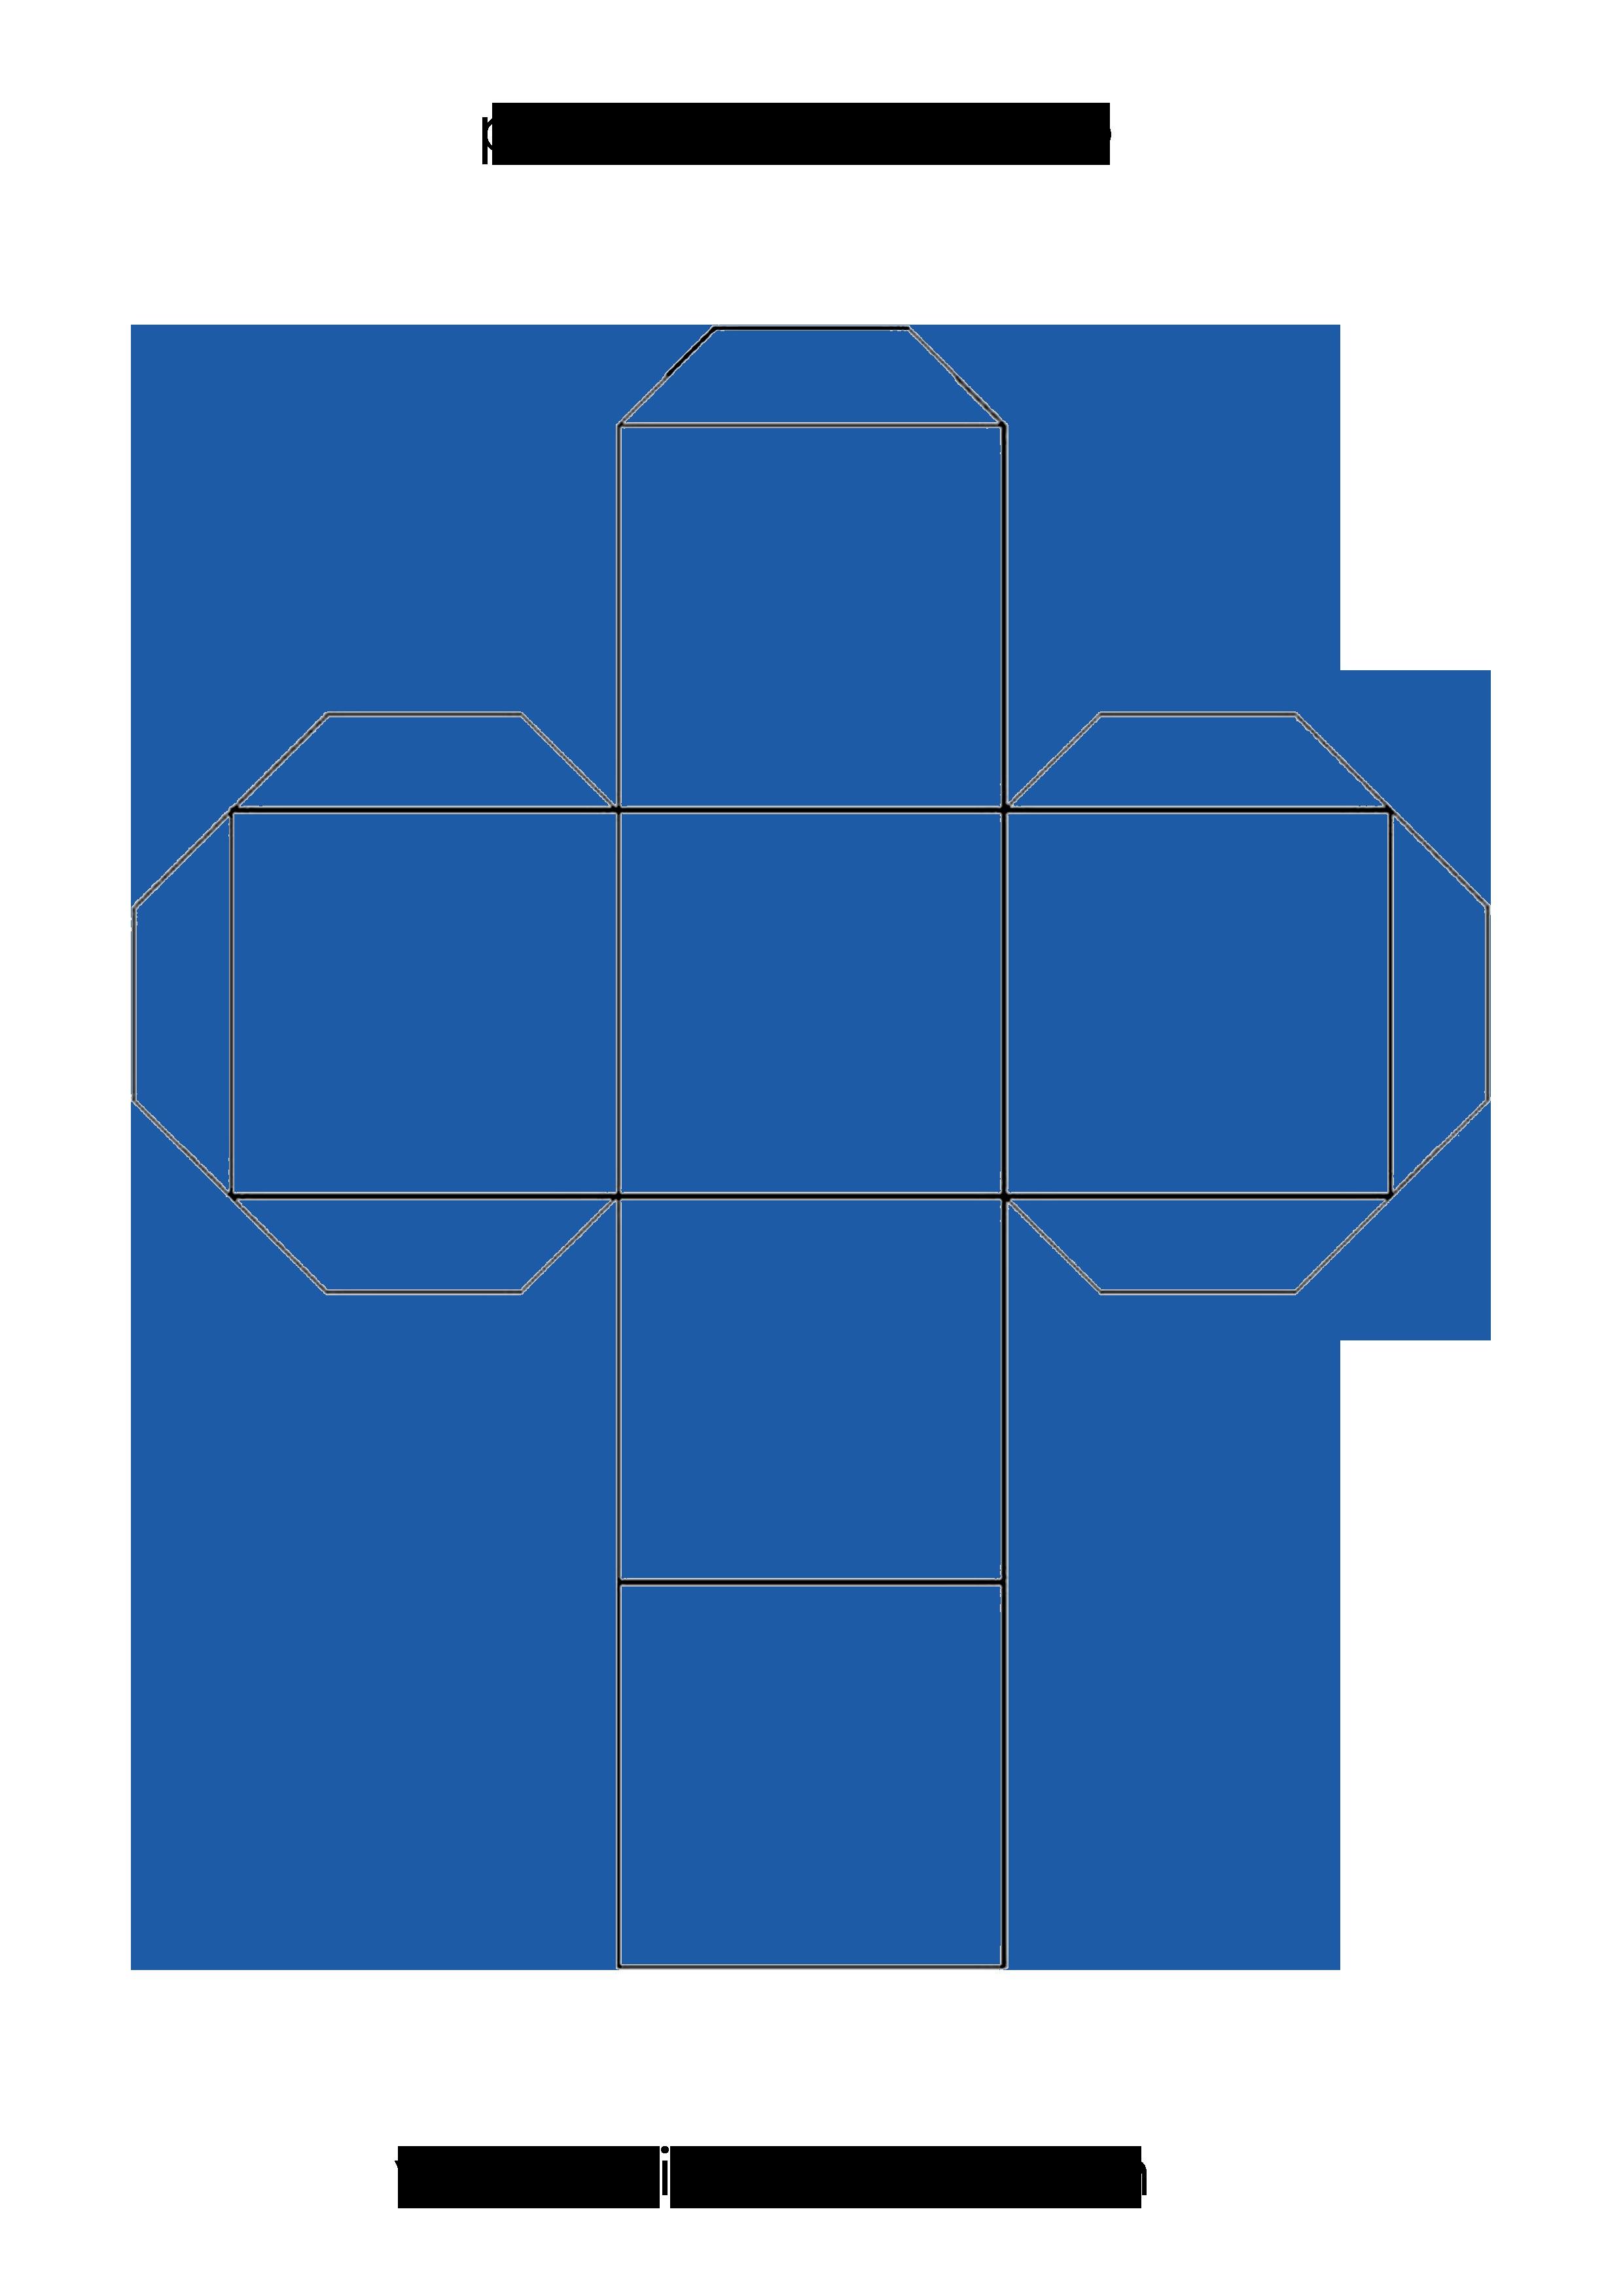 Plantilla par imprimir y crear un cubo en papel o cartulina plantillas cubo templates cube